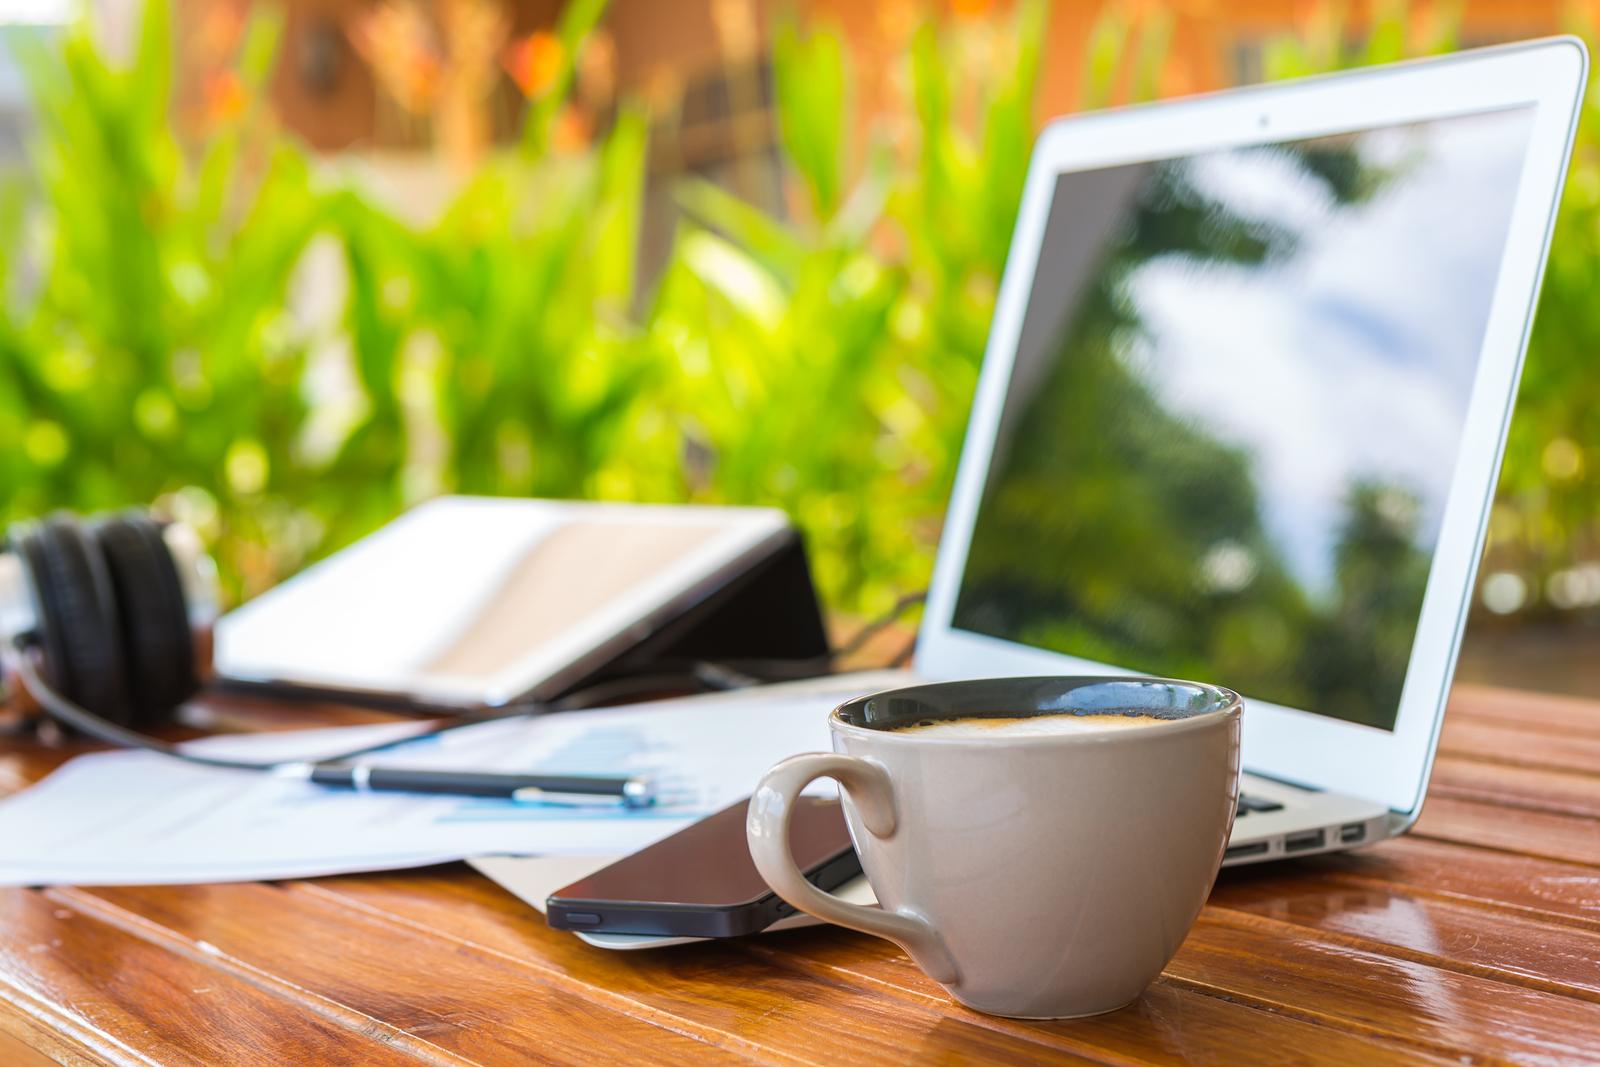 постоянной красивая картинка ноутбук и кофе воздушная, психическая подушка